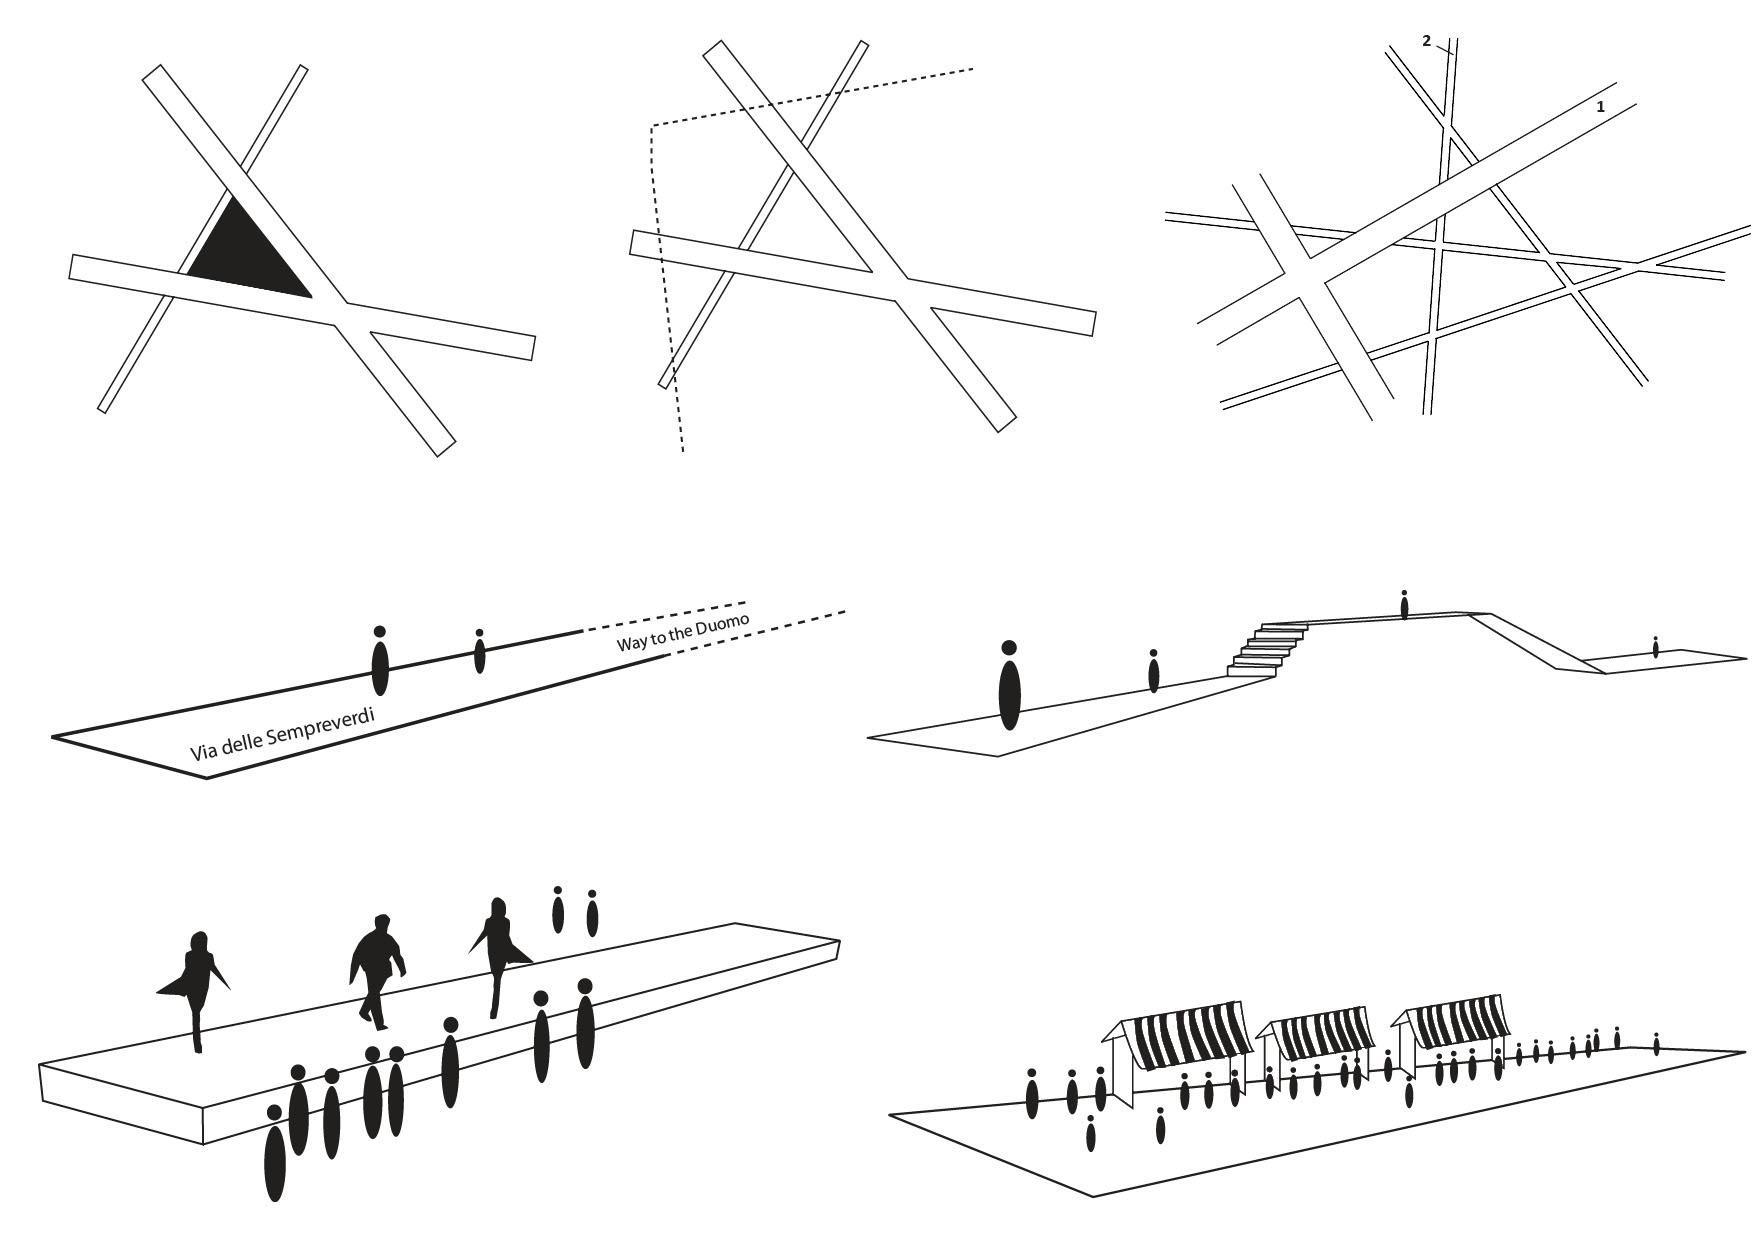 <p>Om het park verbindend te maken ontwierp het team van Inside Outside een stelsel van brede en smalle paden</p>